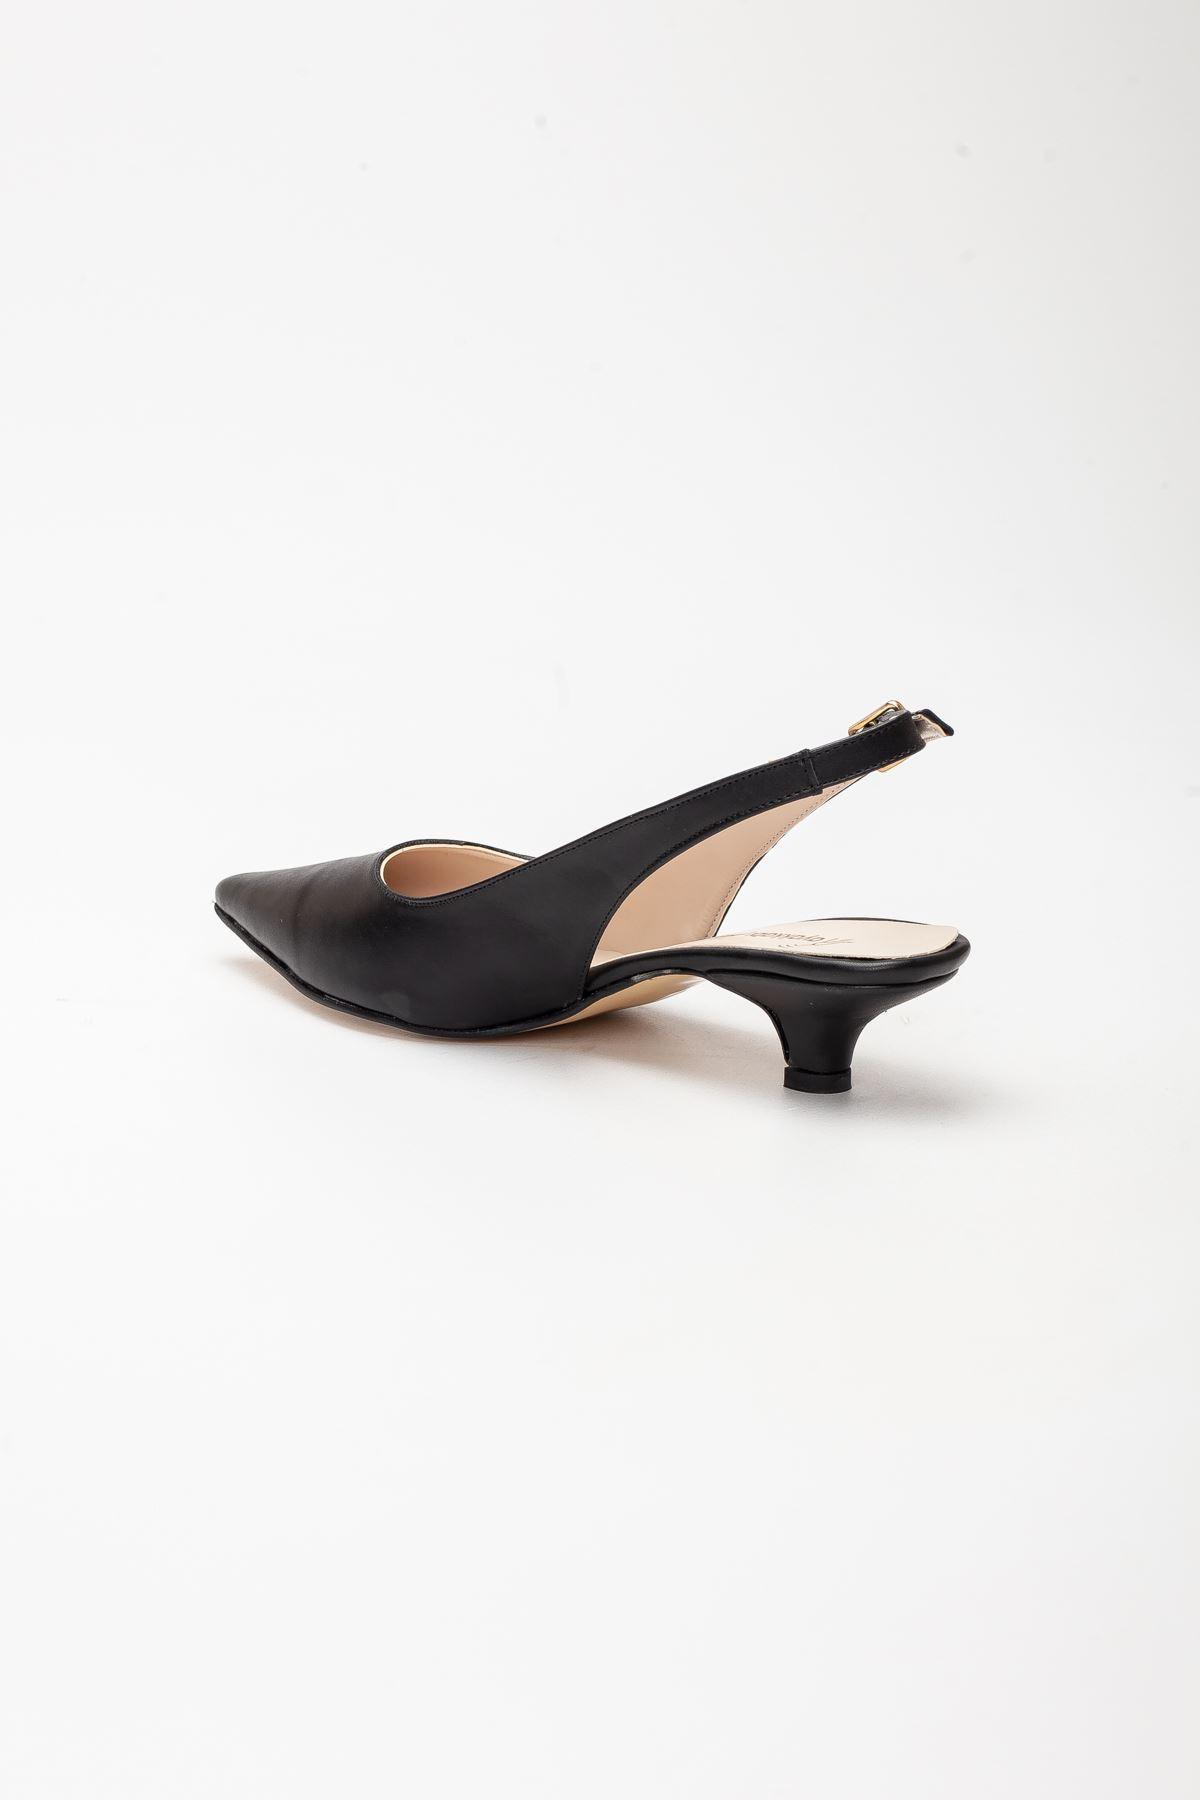 Mira Topuklu Ayakkabı SİYAH CİLT